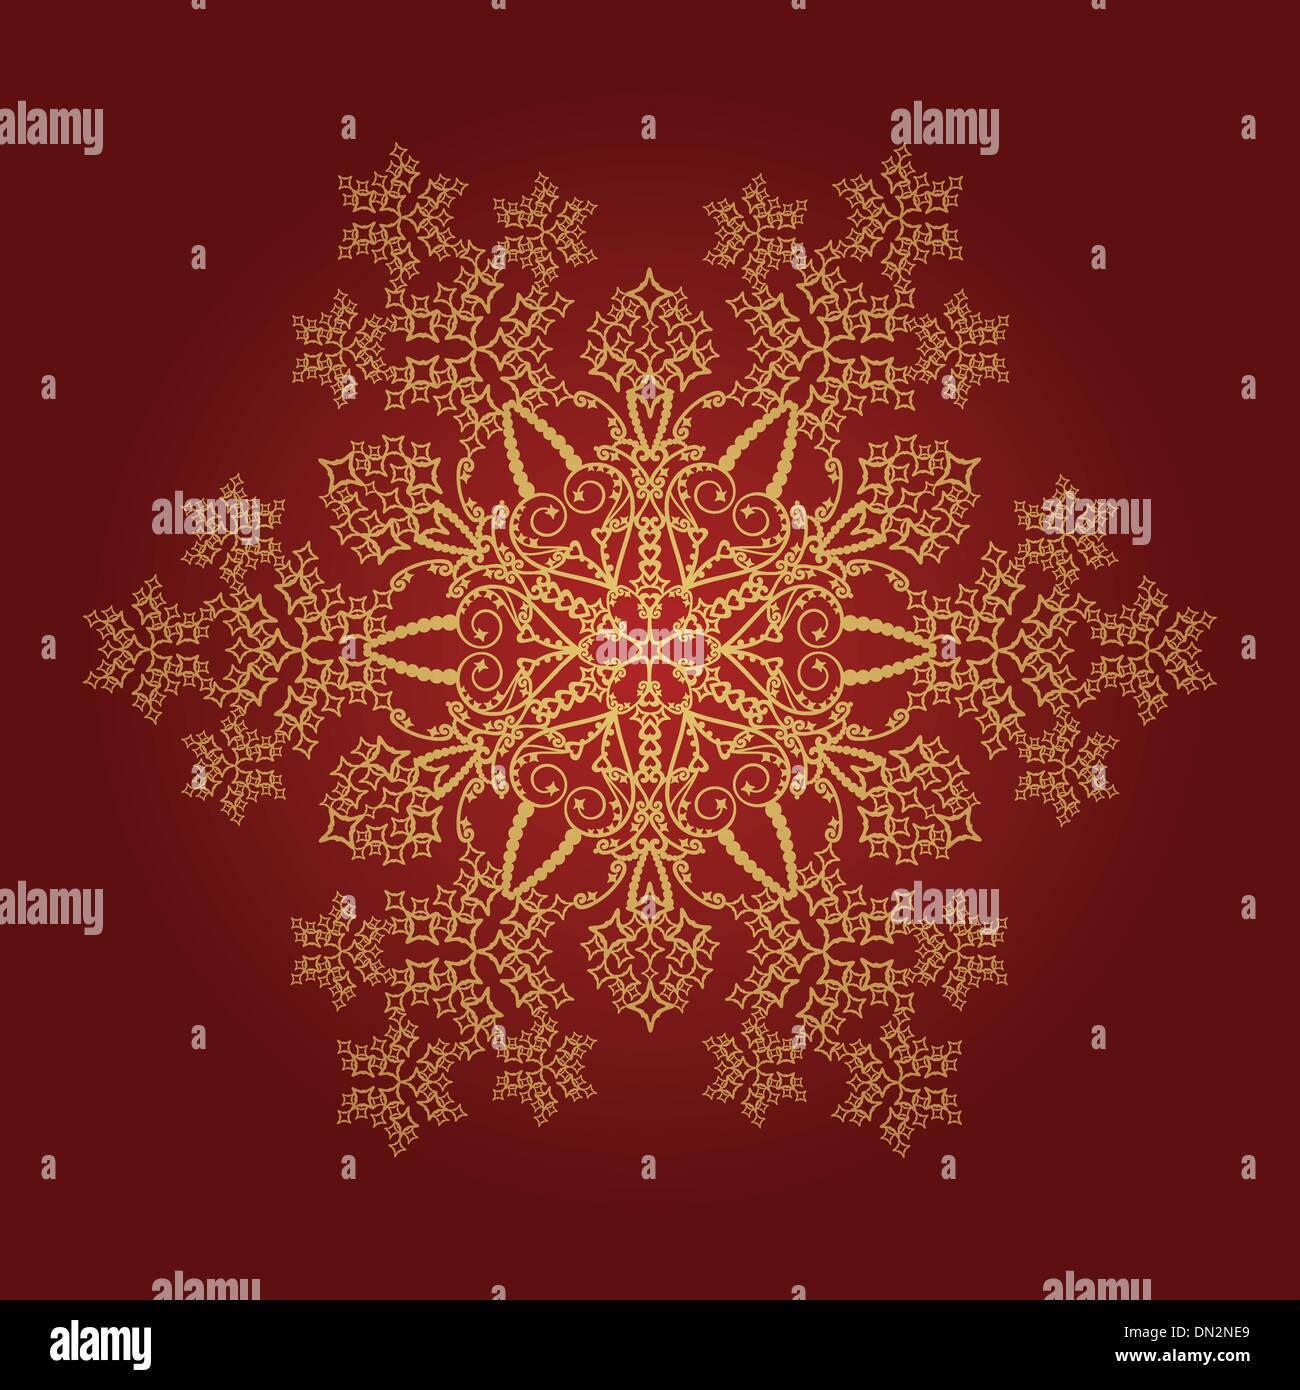 Detaillierten goldene Schneeflocke auf rotem Grund Stockbild